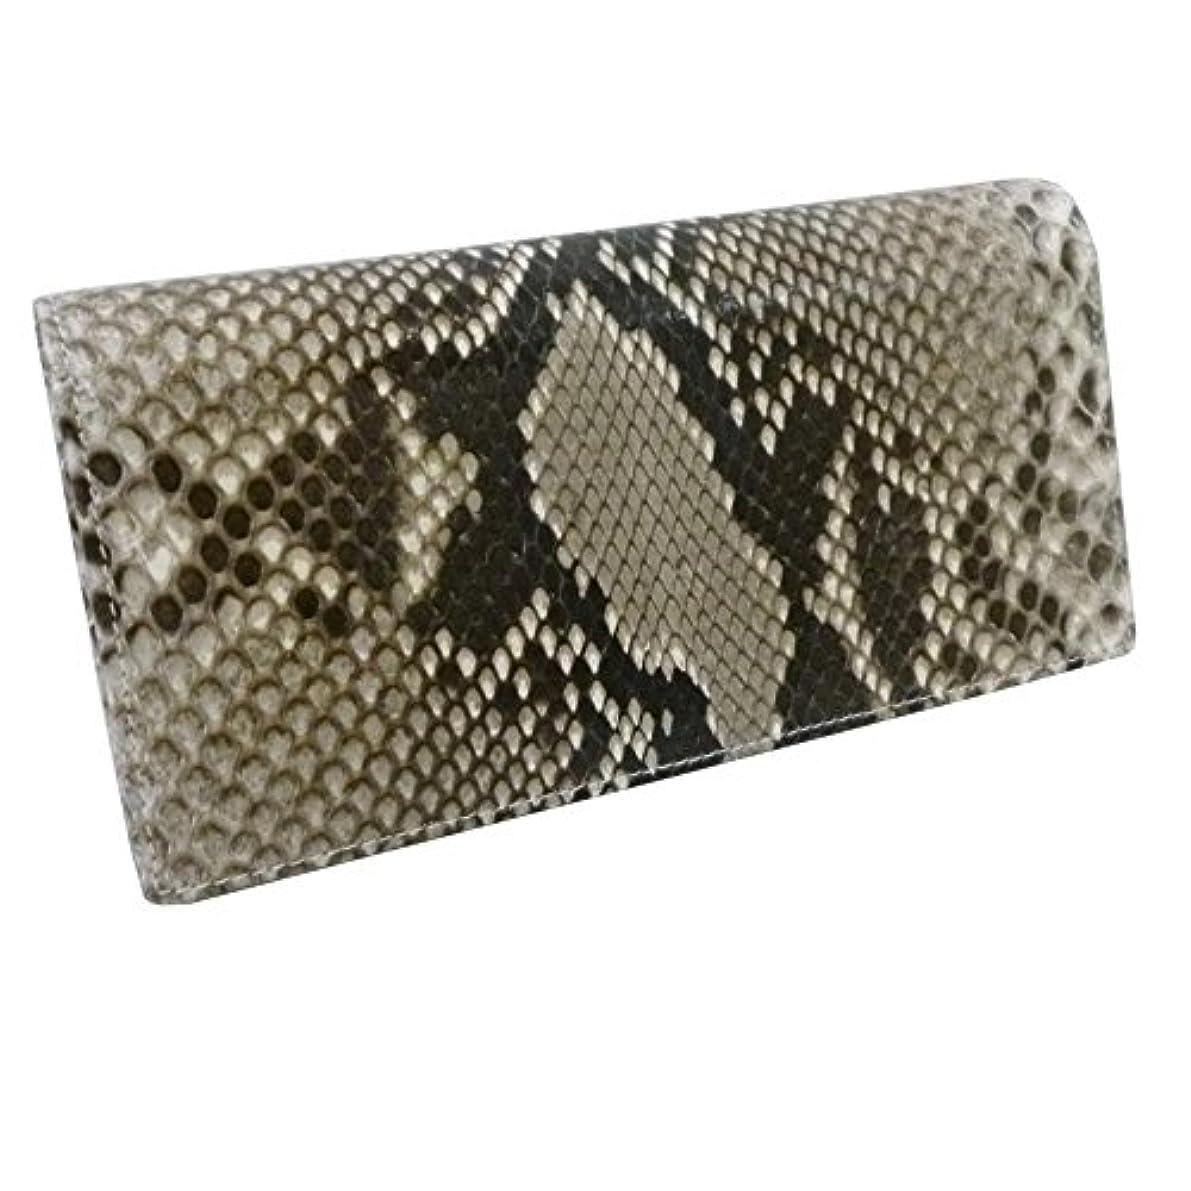 名誉秀でる宙返り蛇革パイソン 財布/艶有両面パイソン長財布(058)